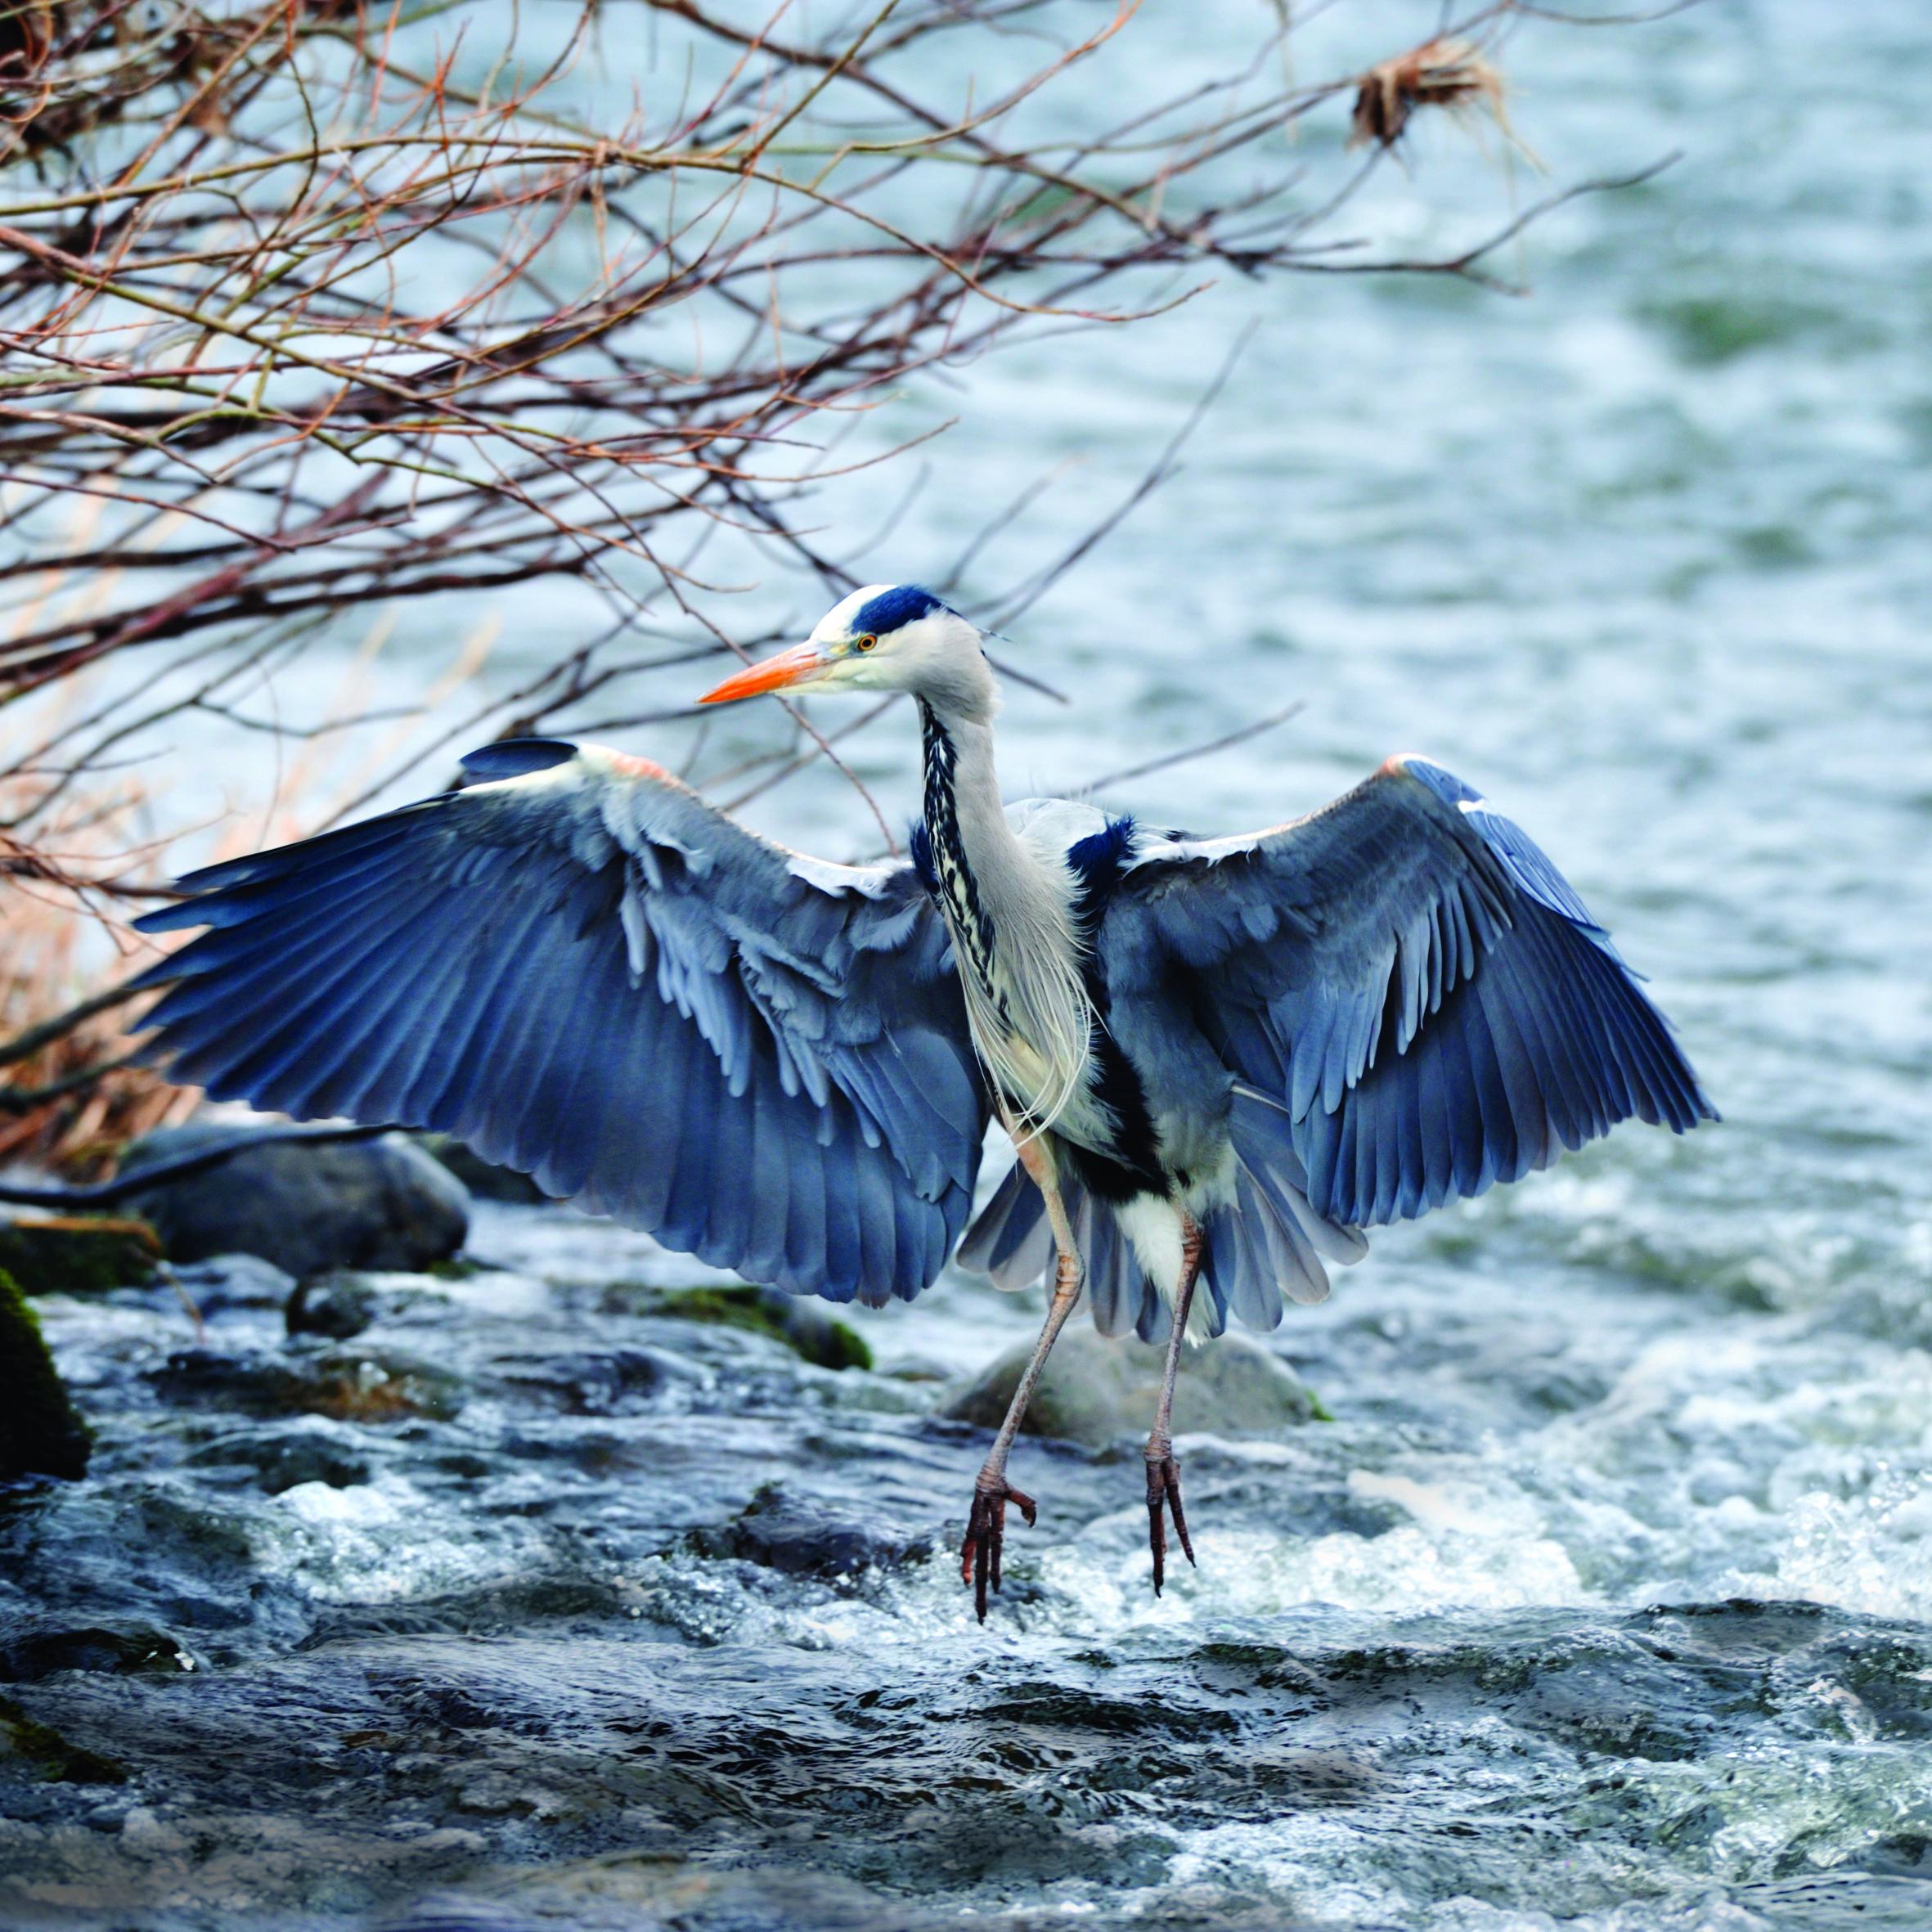 herron in kingfisher piece